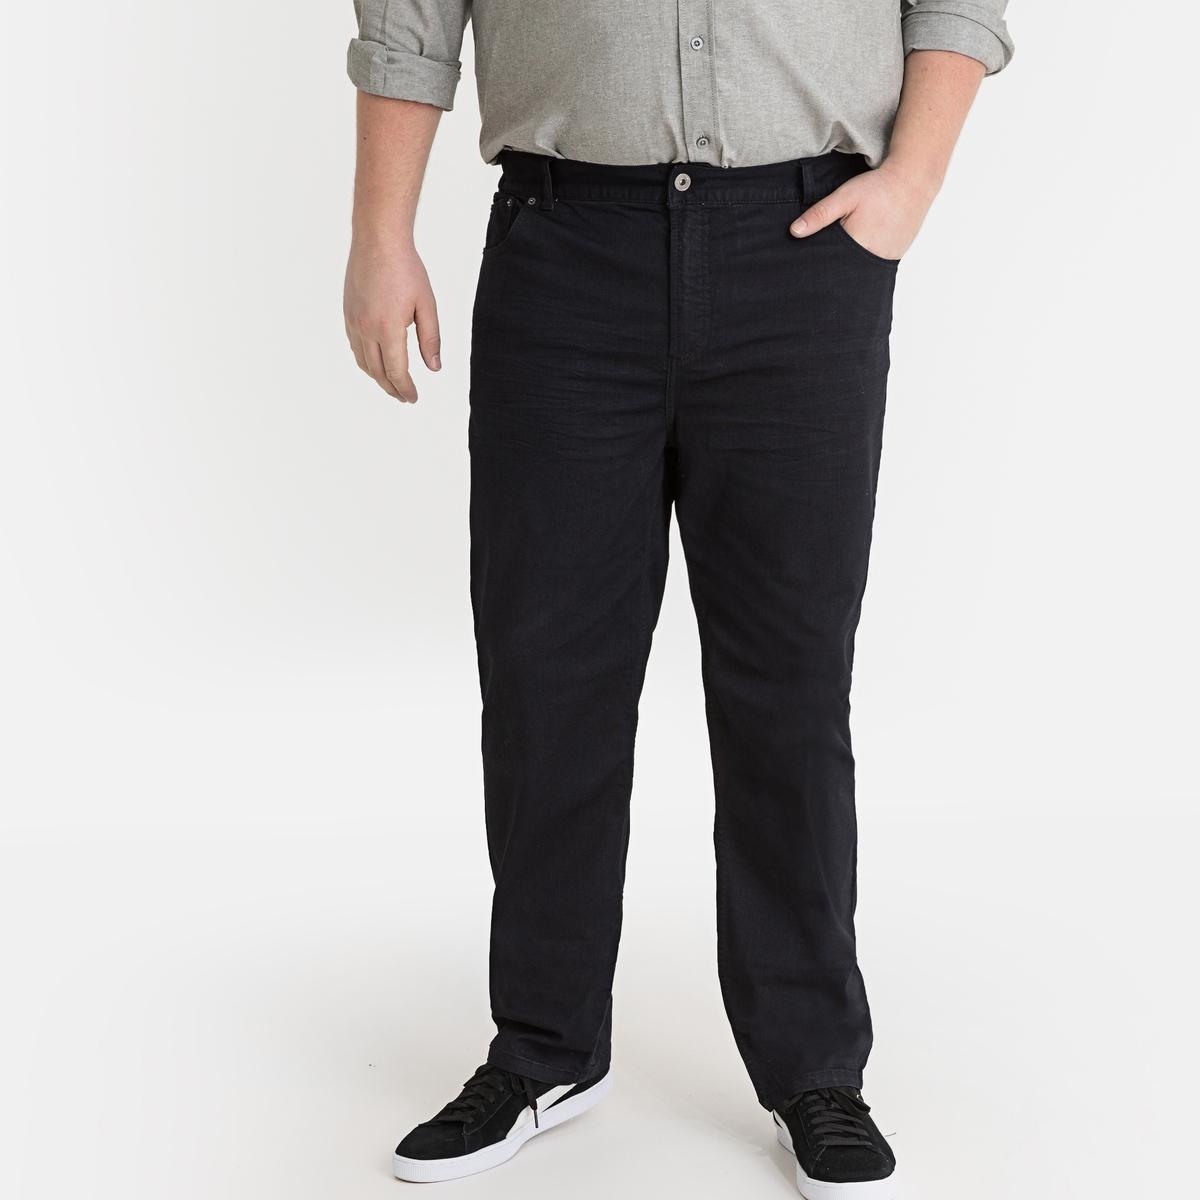 Jeans stretch preto tingido, semielásticos